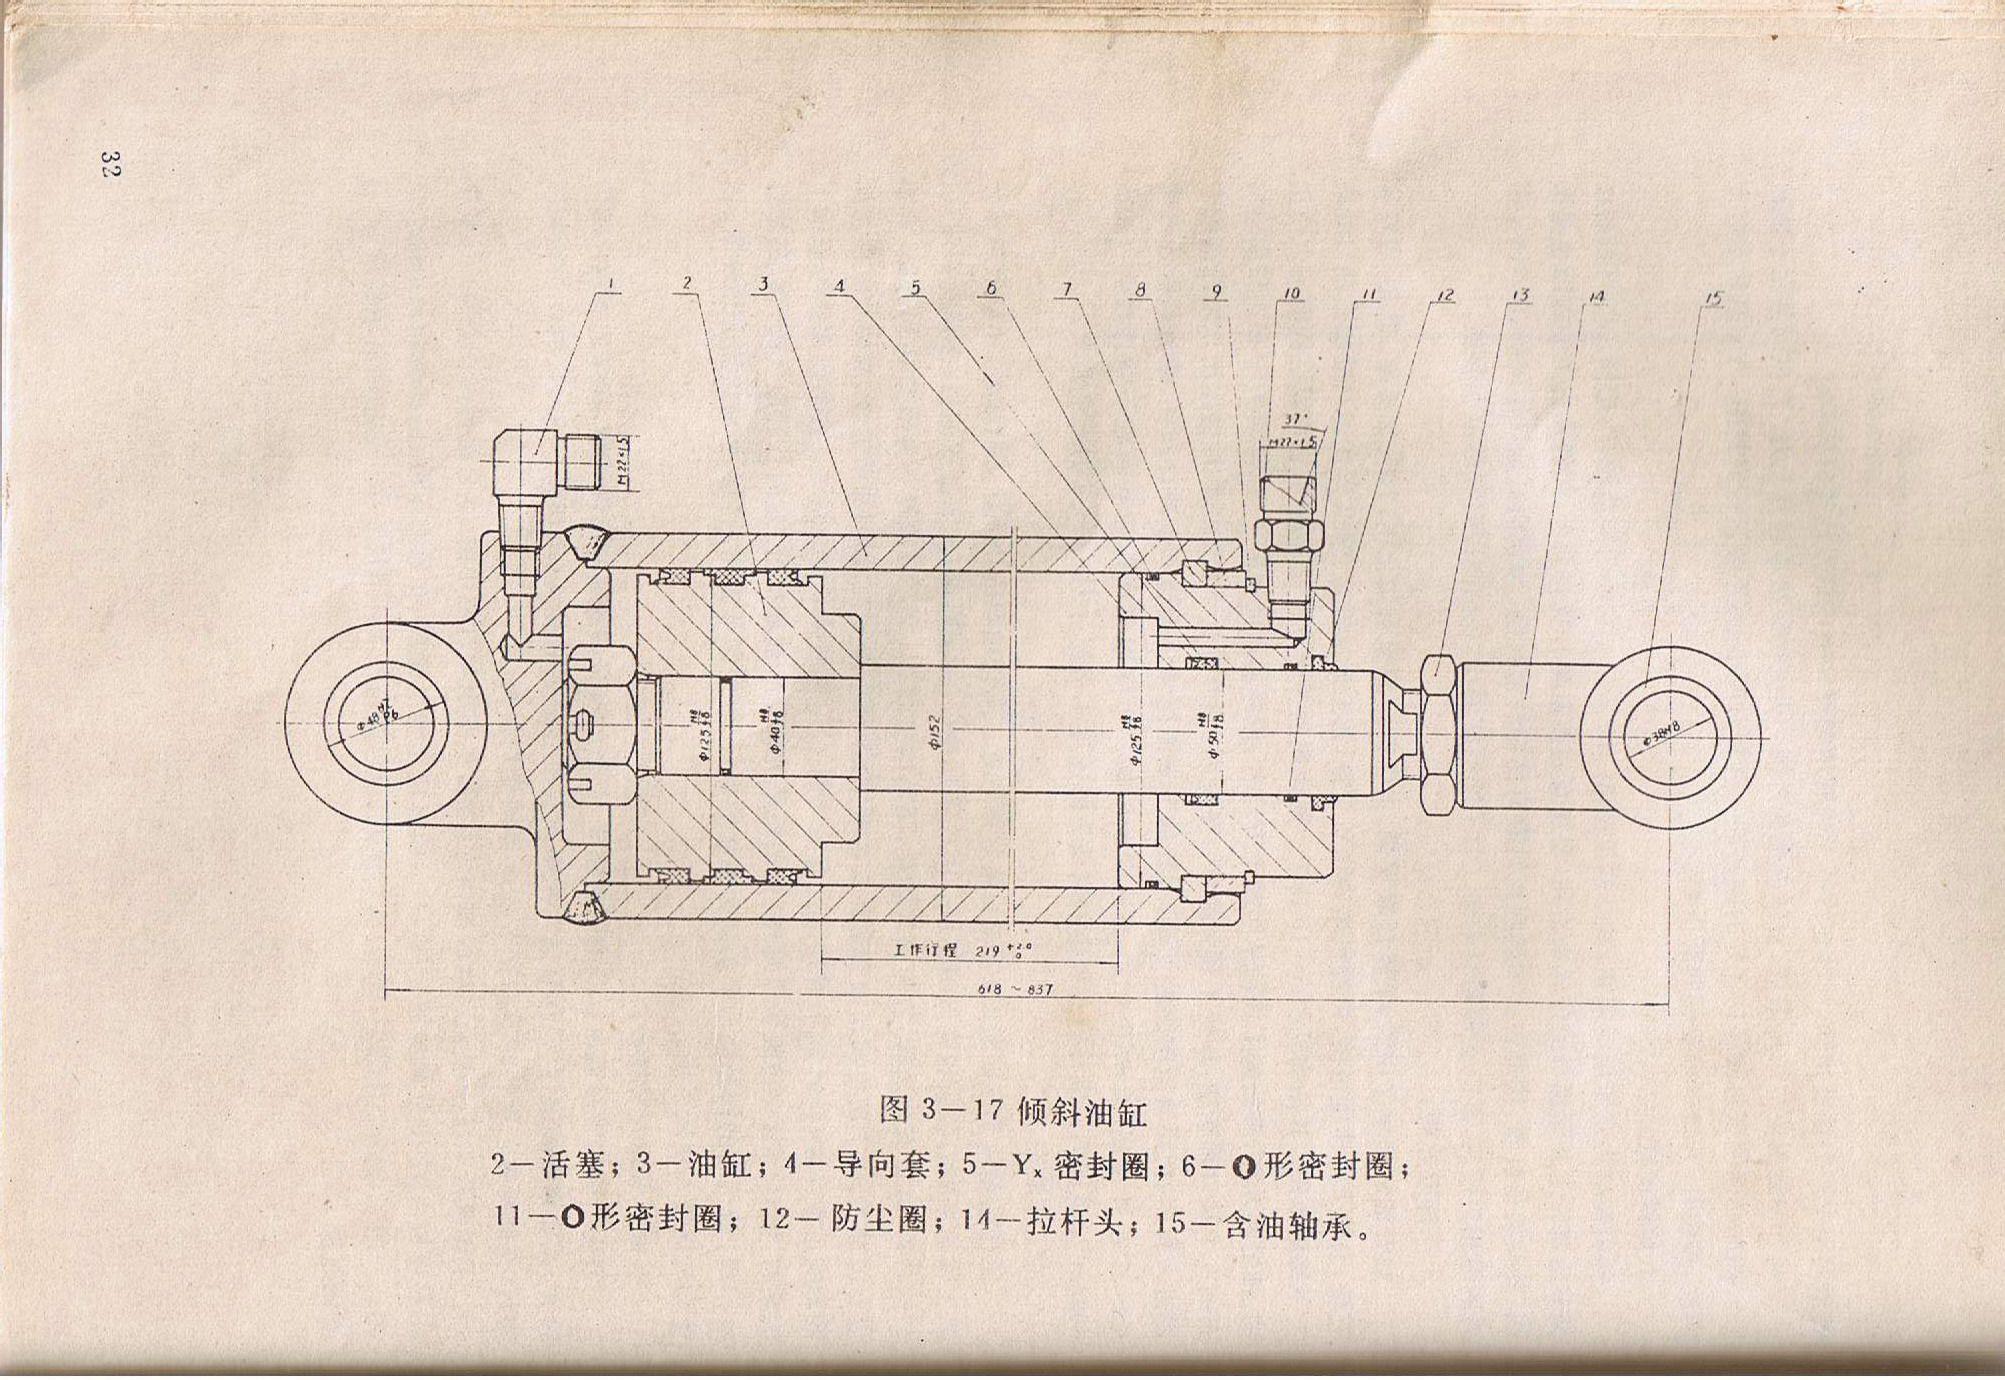 谁有没有内燃叉车倾斜液压缸的完整设计图片